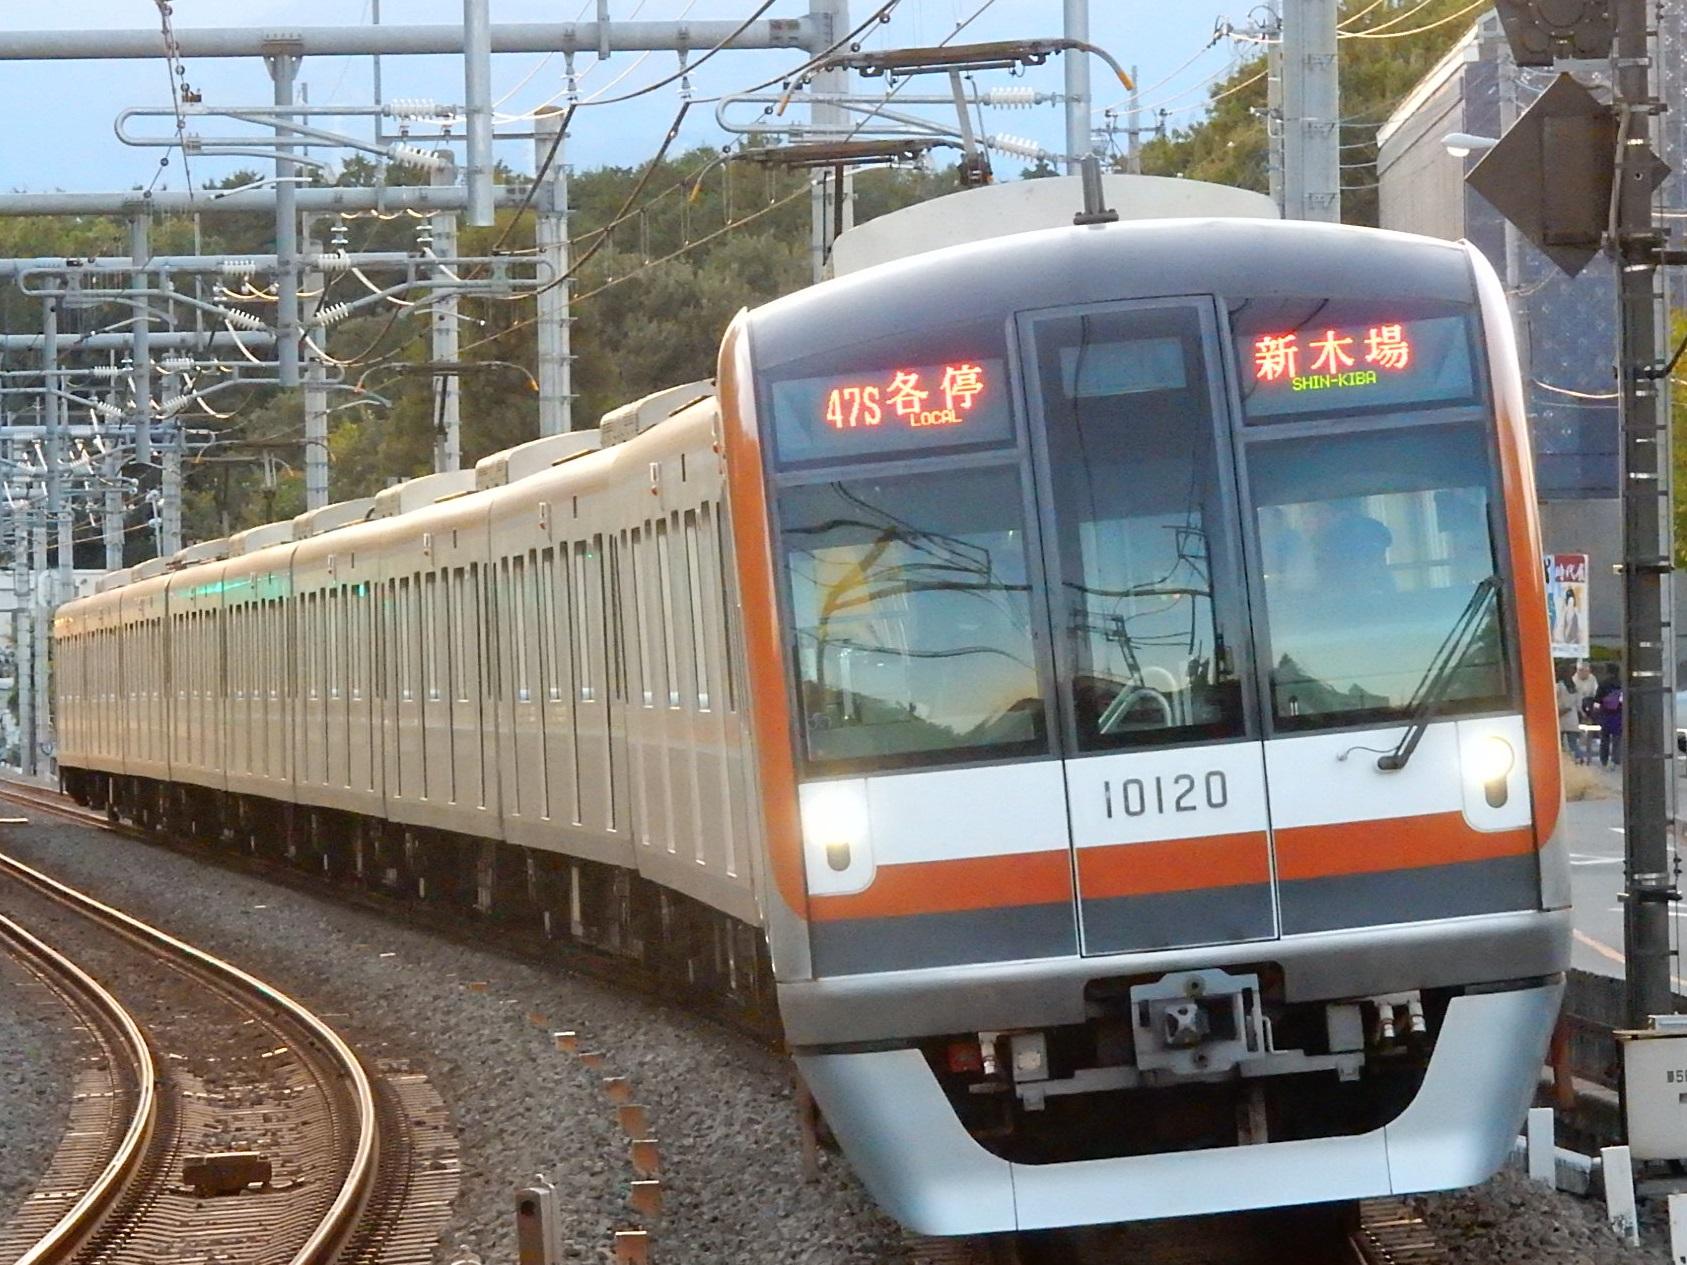 DSCN8012.jpg